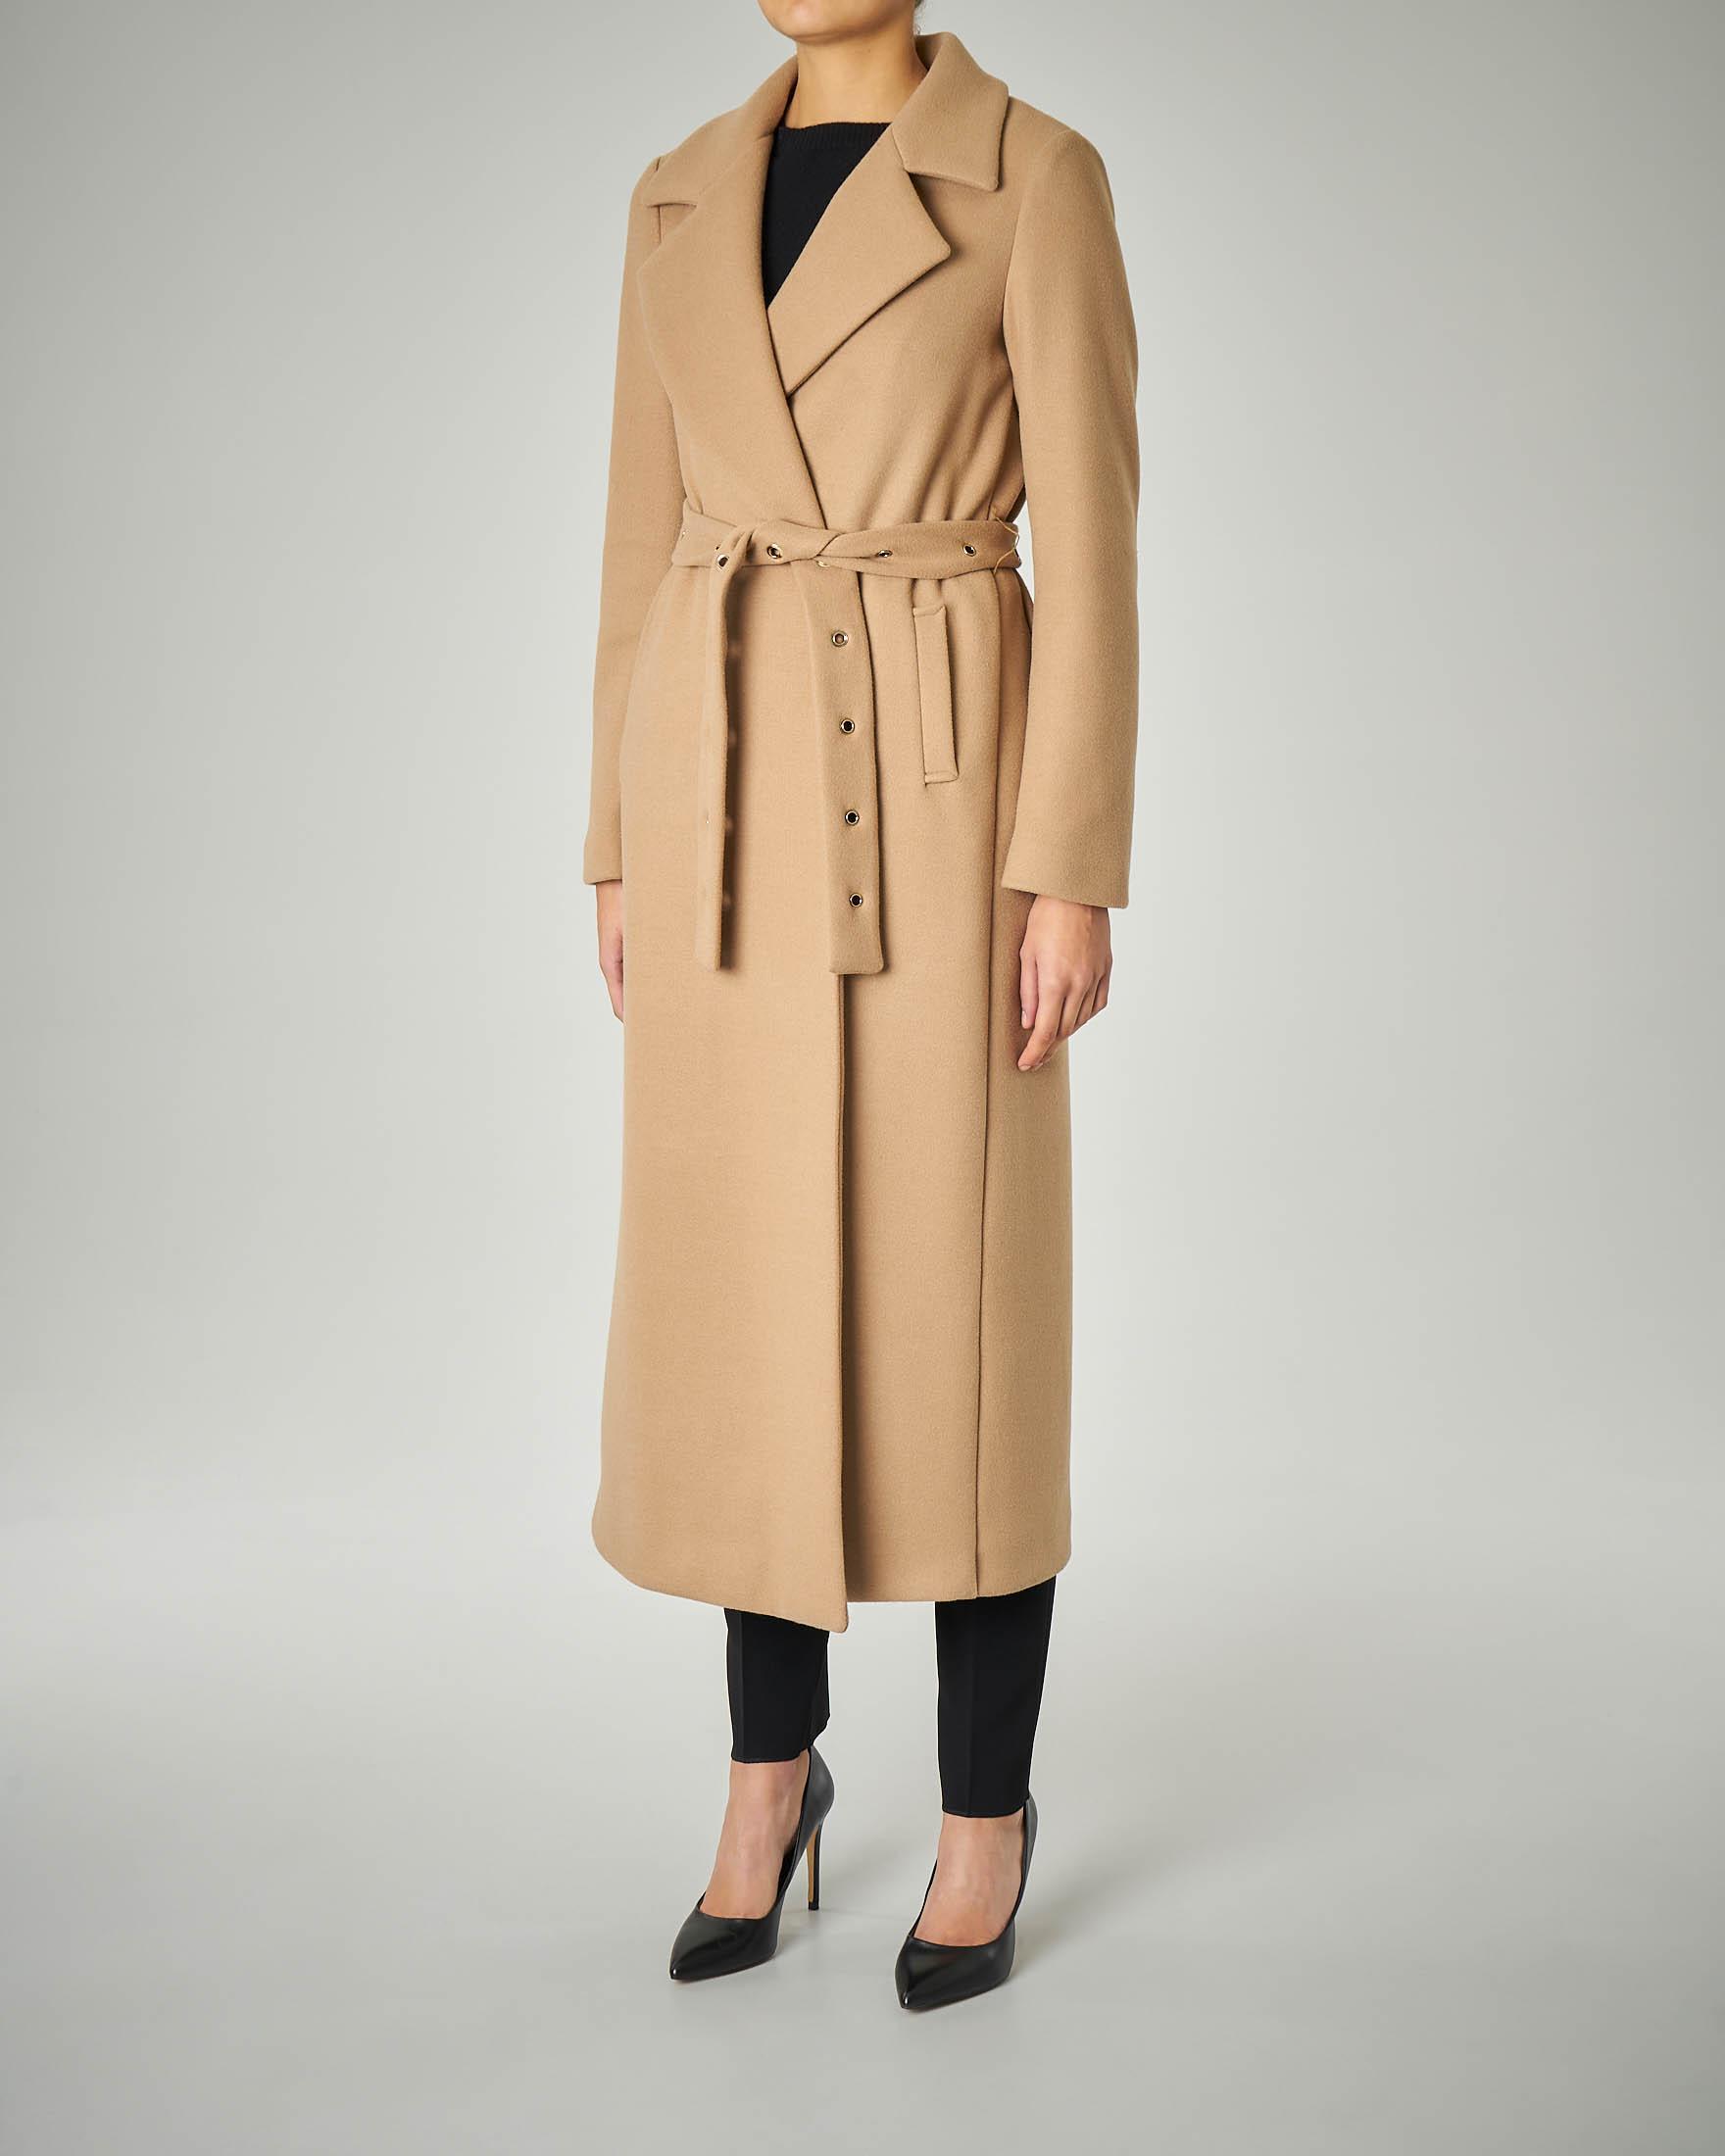 Cappotto cammello lungo a vestaglia con rever